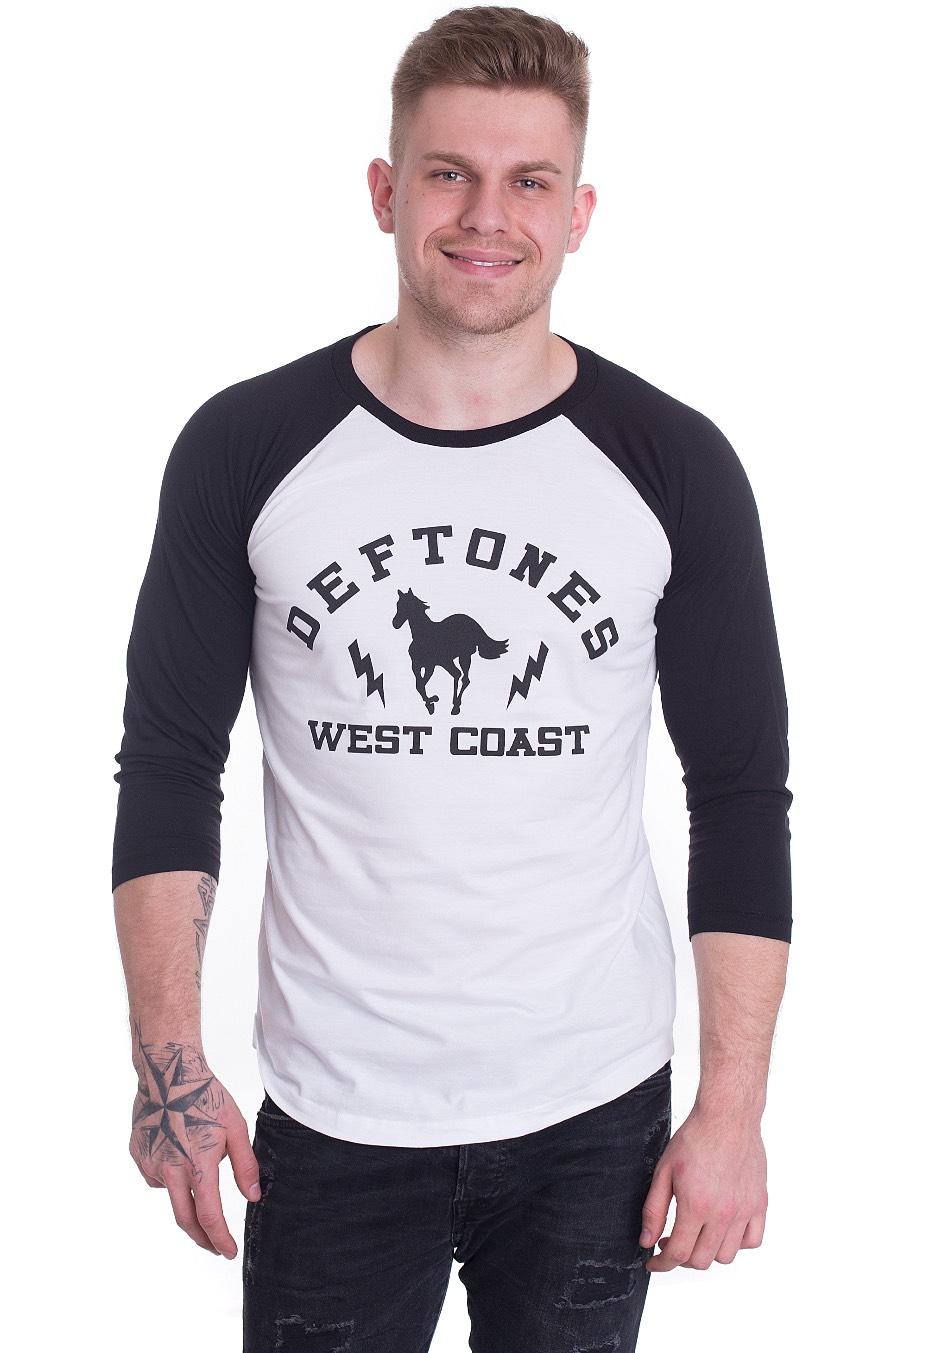 Deftones - West Coast Pony White/Black - Longsl...